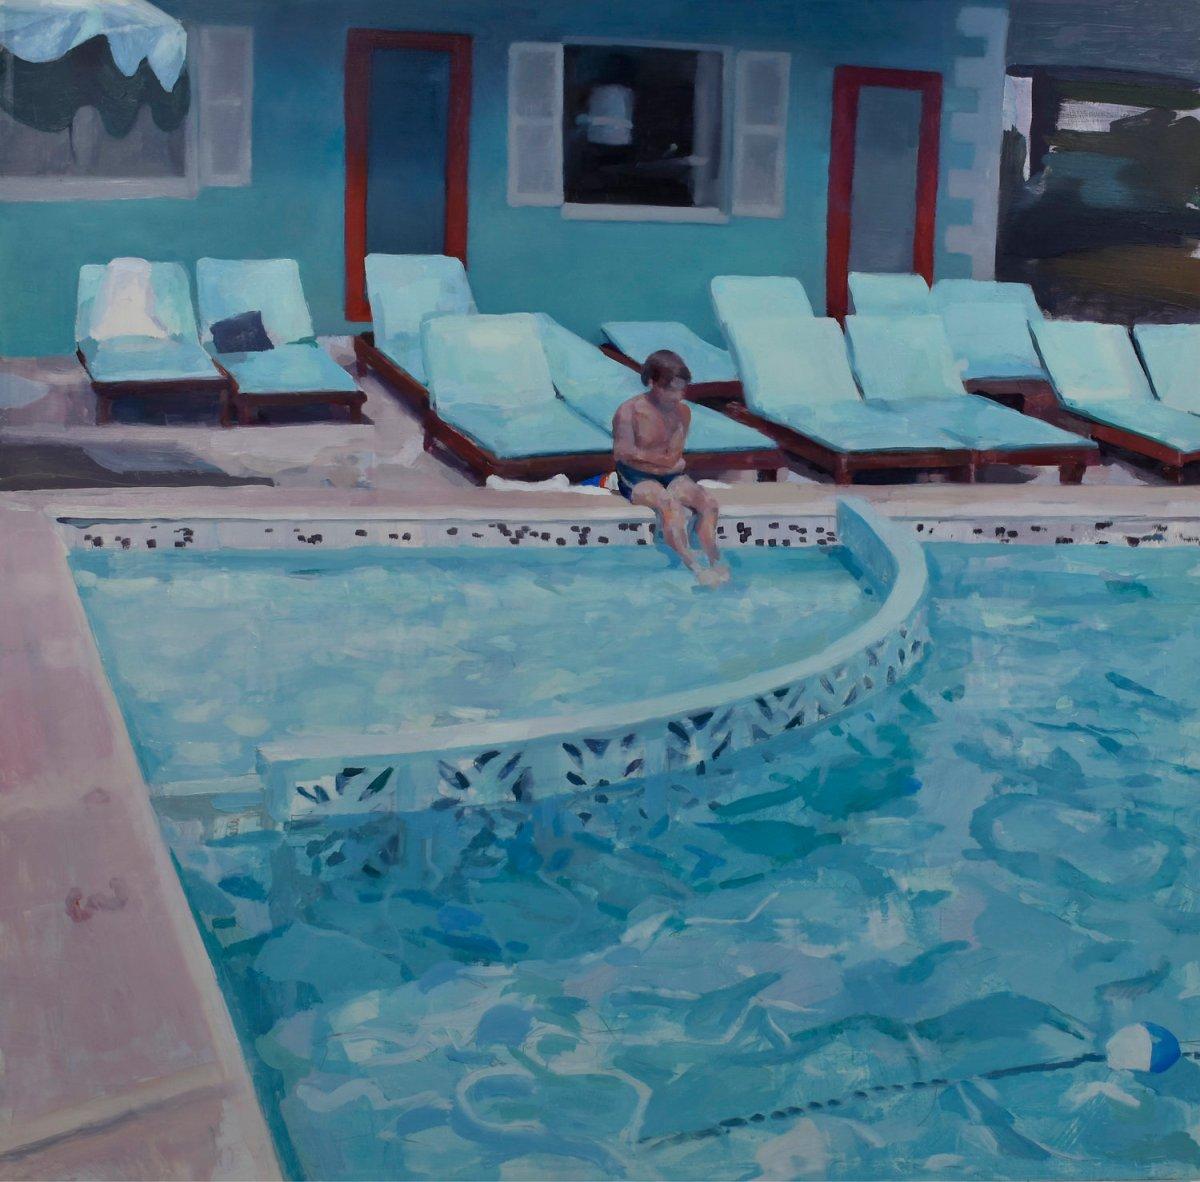 Kid sit on a poolside.